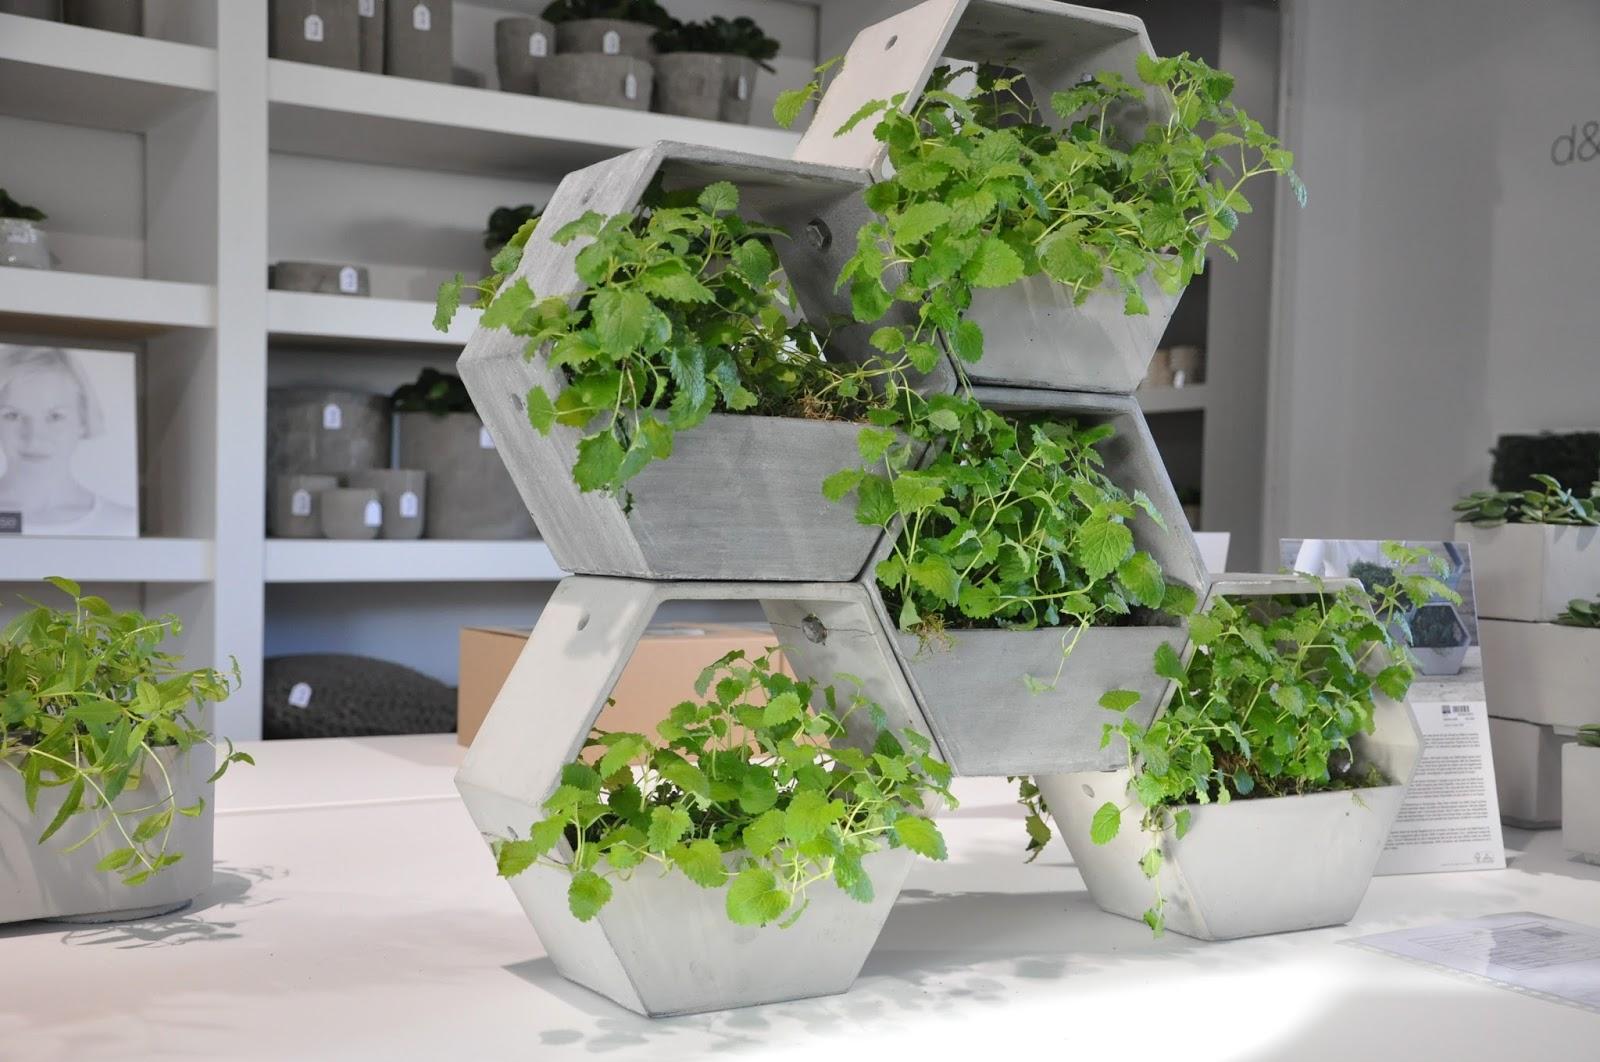 6 id es d co pour vos plantes vertes blog d co mydecolab for Acheter des plantes vertes